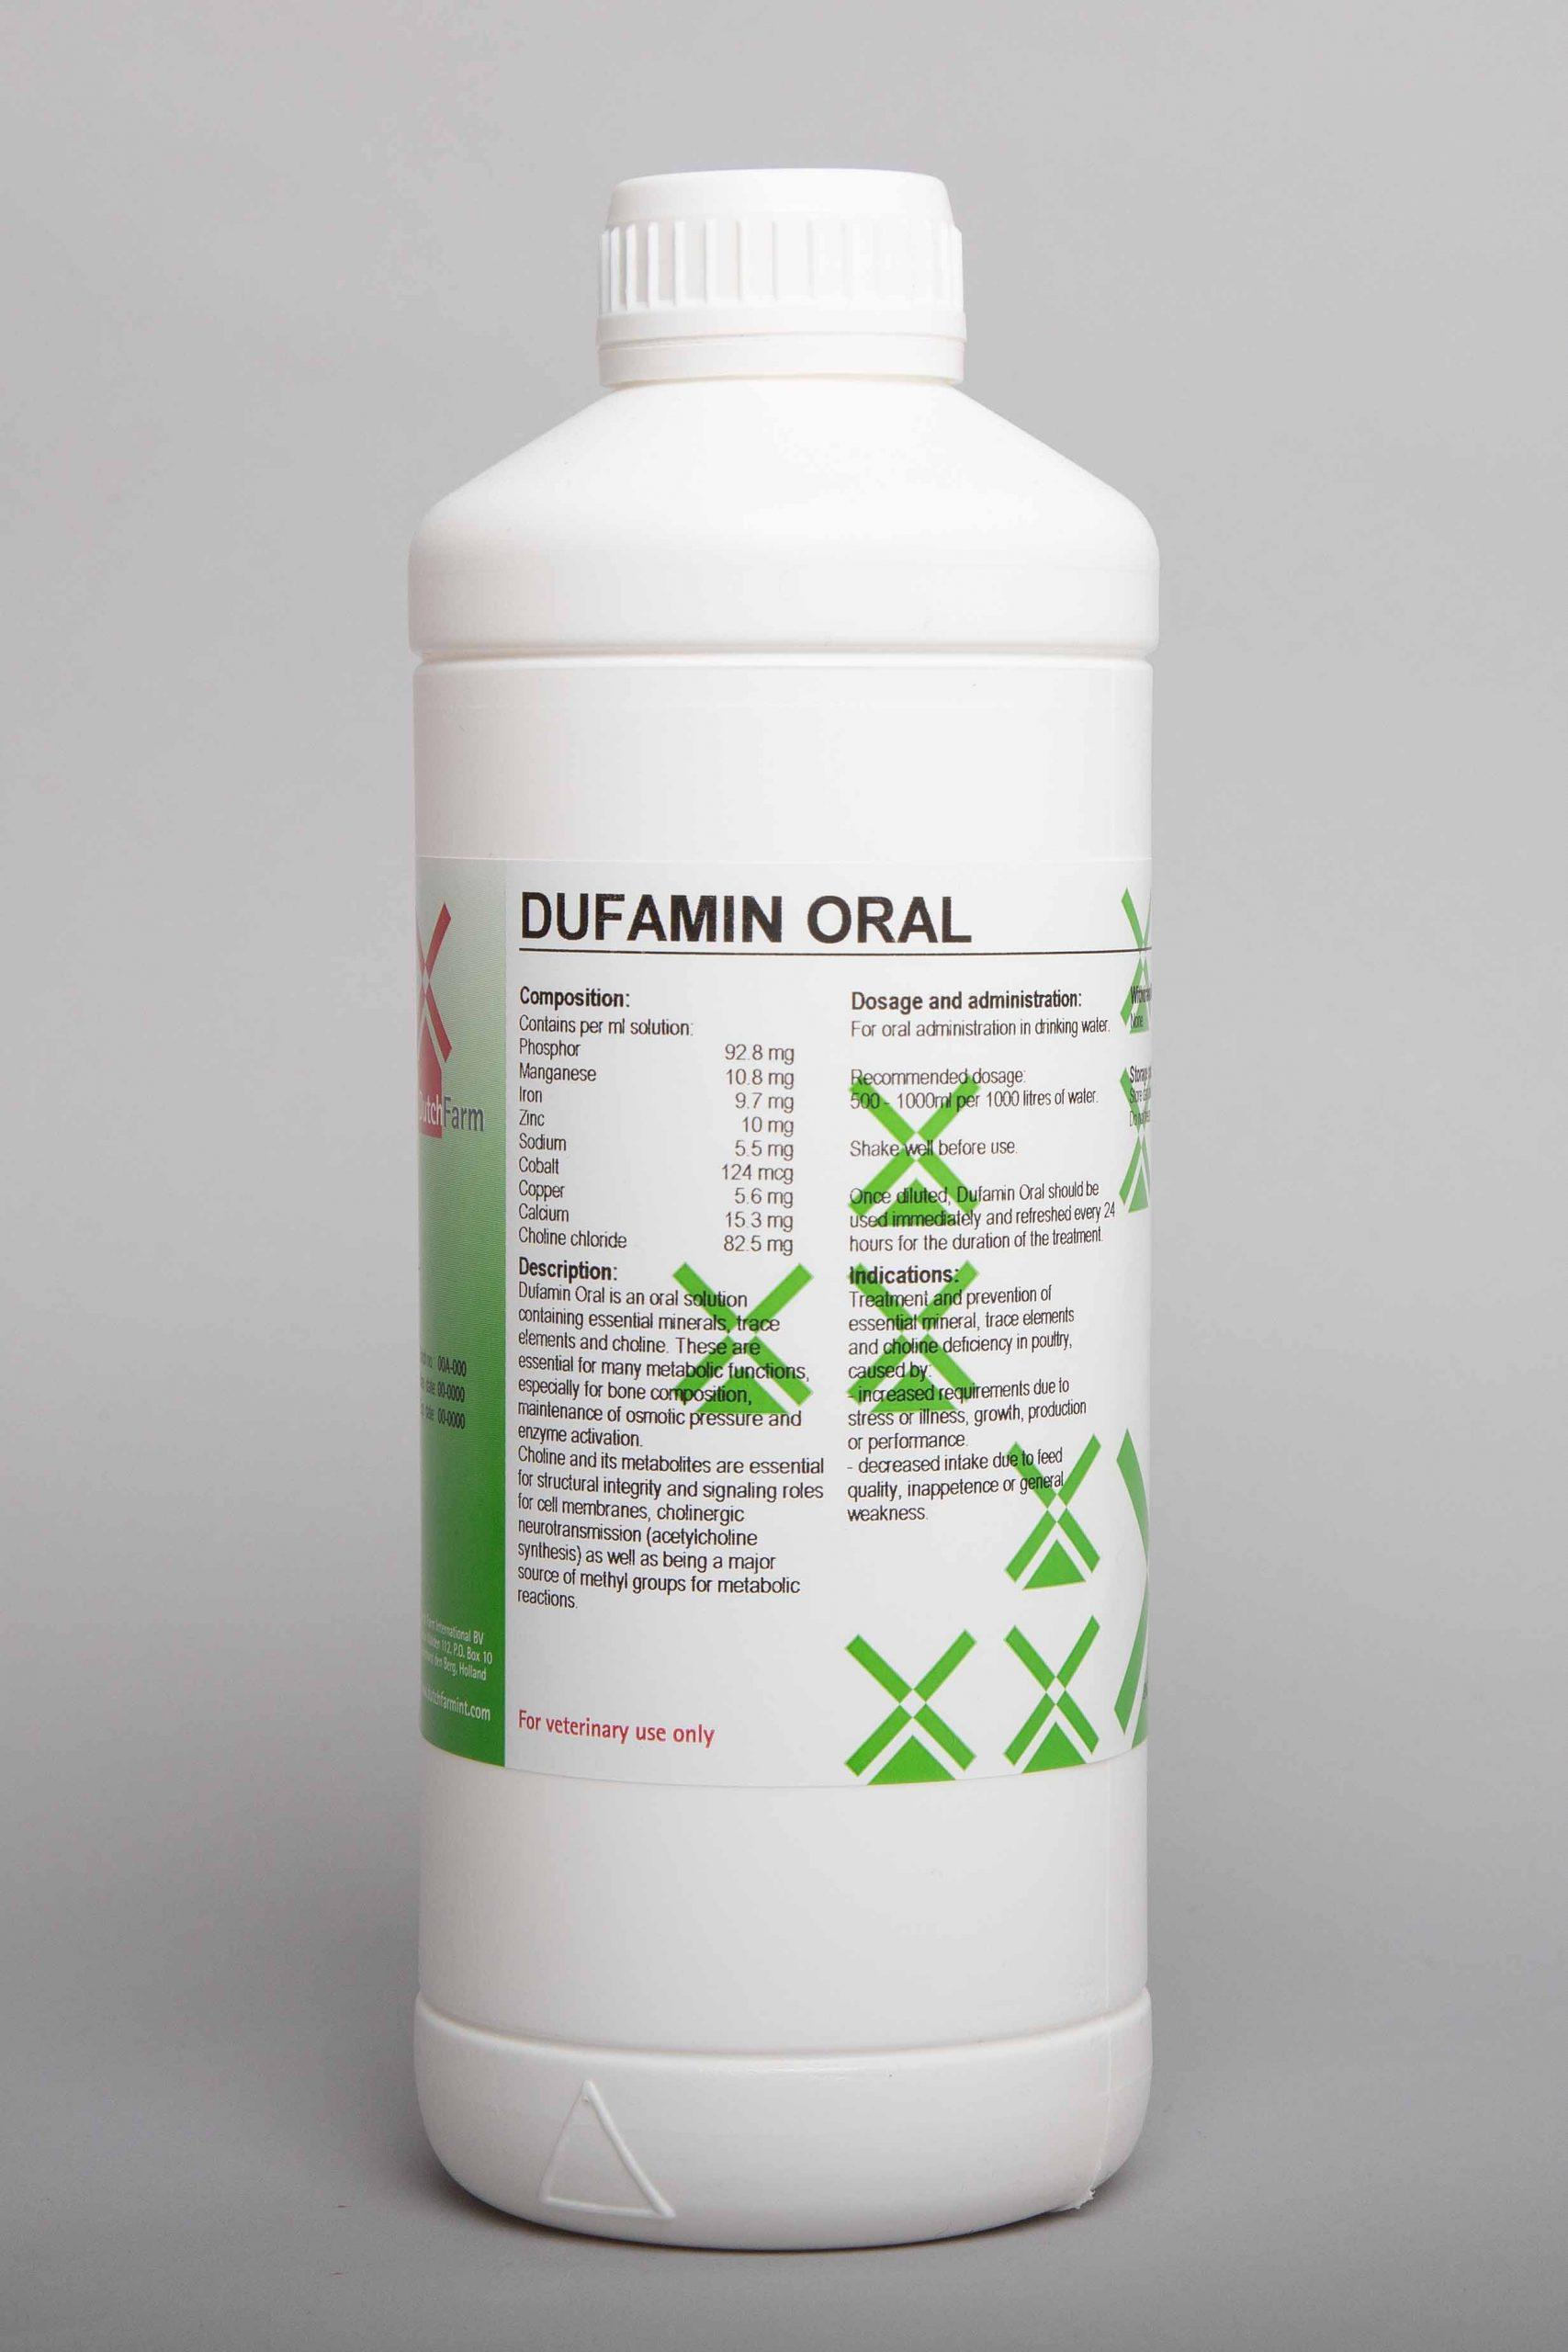 Dufamin Oral